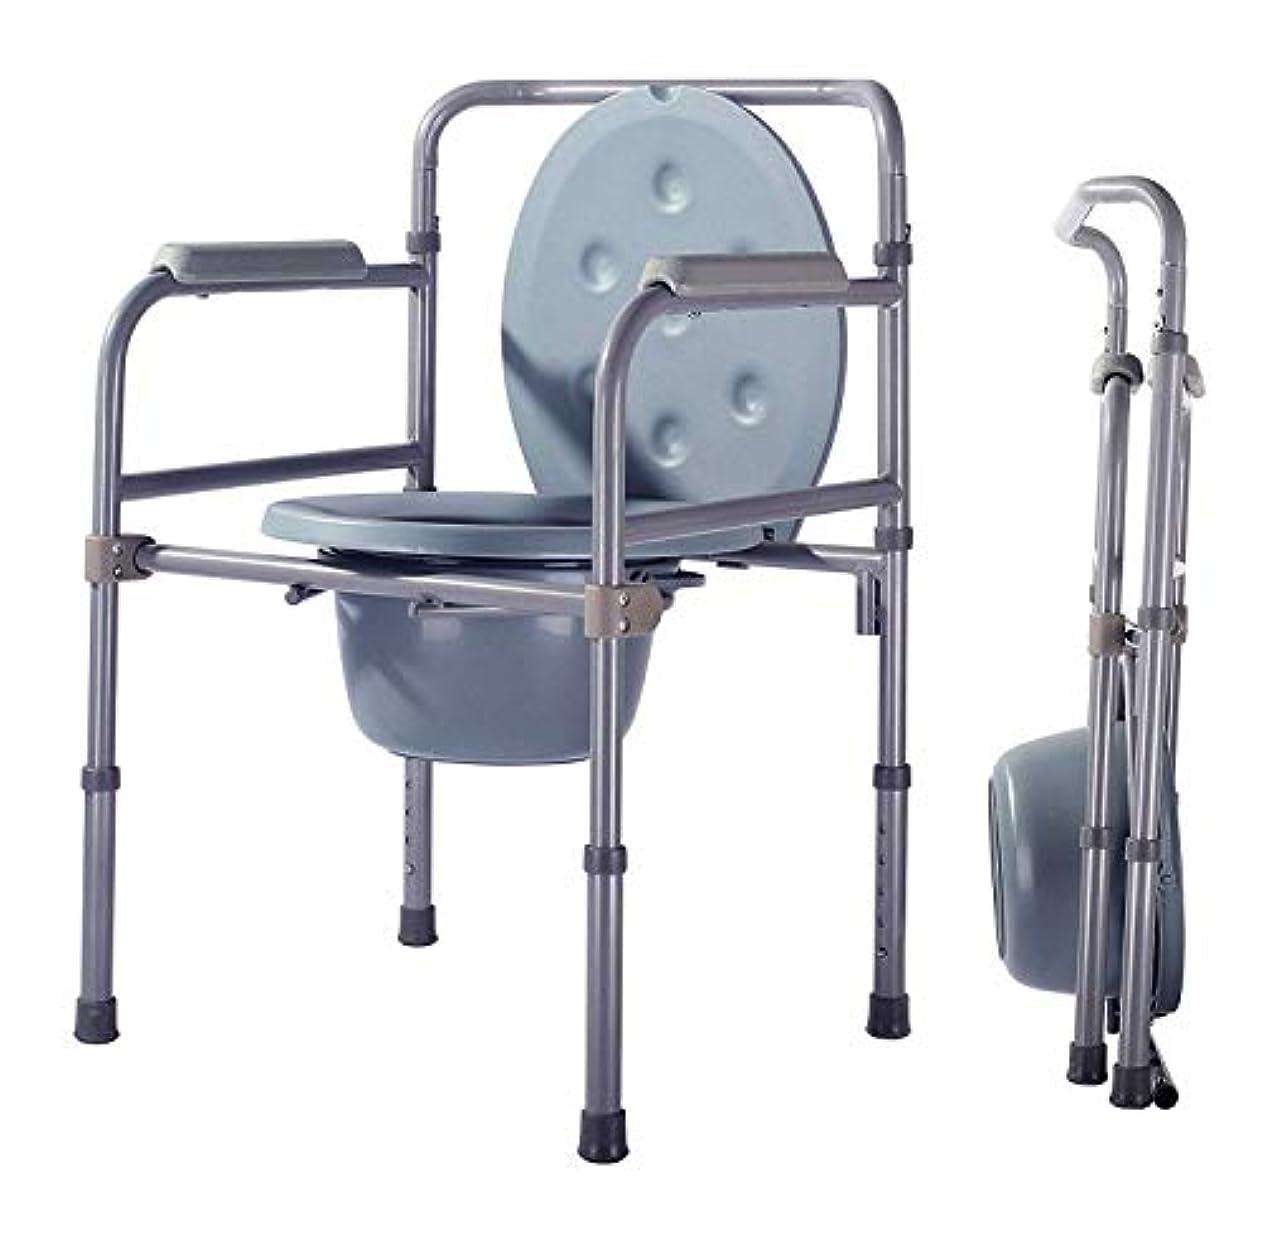 高さ気づく撤回する便器バケツとスプラッシュガード付きモバイルスチールトイレ、高齢者、妊娠中、無効